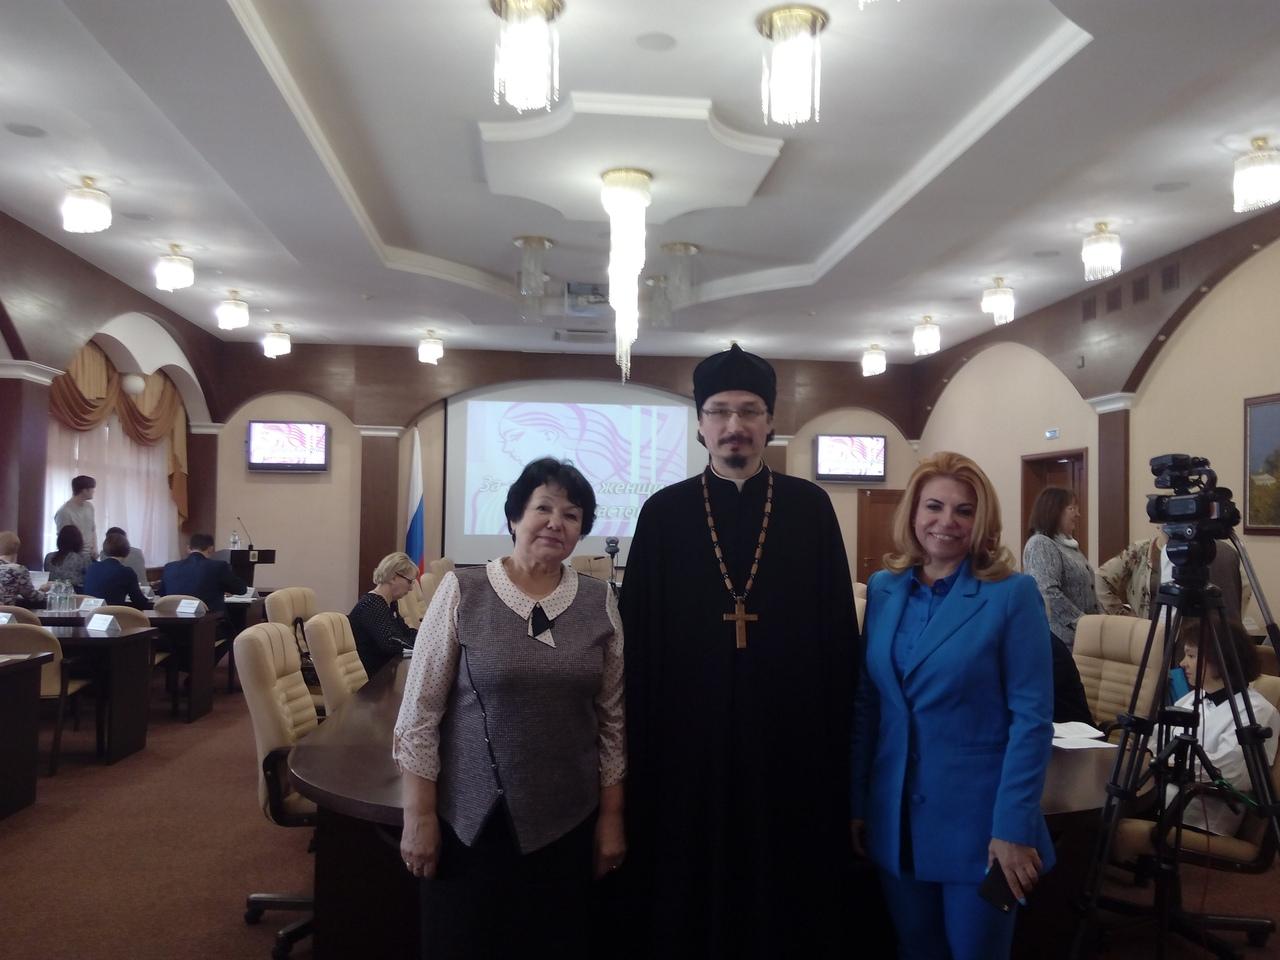 Председатель Епархиального отдела по делам молодежи Александровской епархии принял участие в мероприятиях администрации Владимирской области